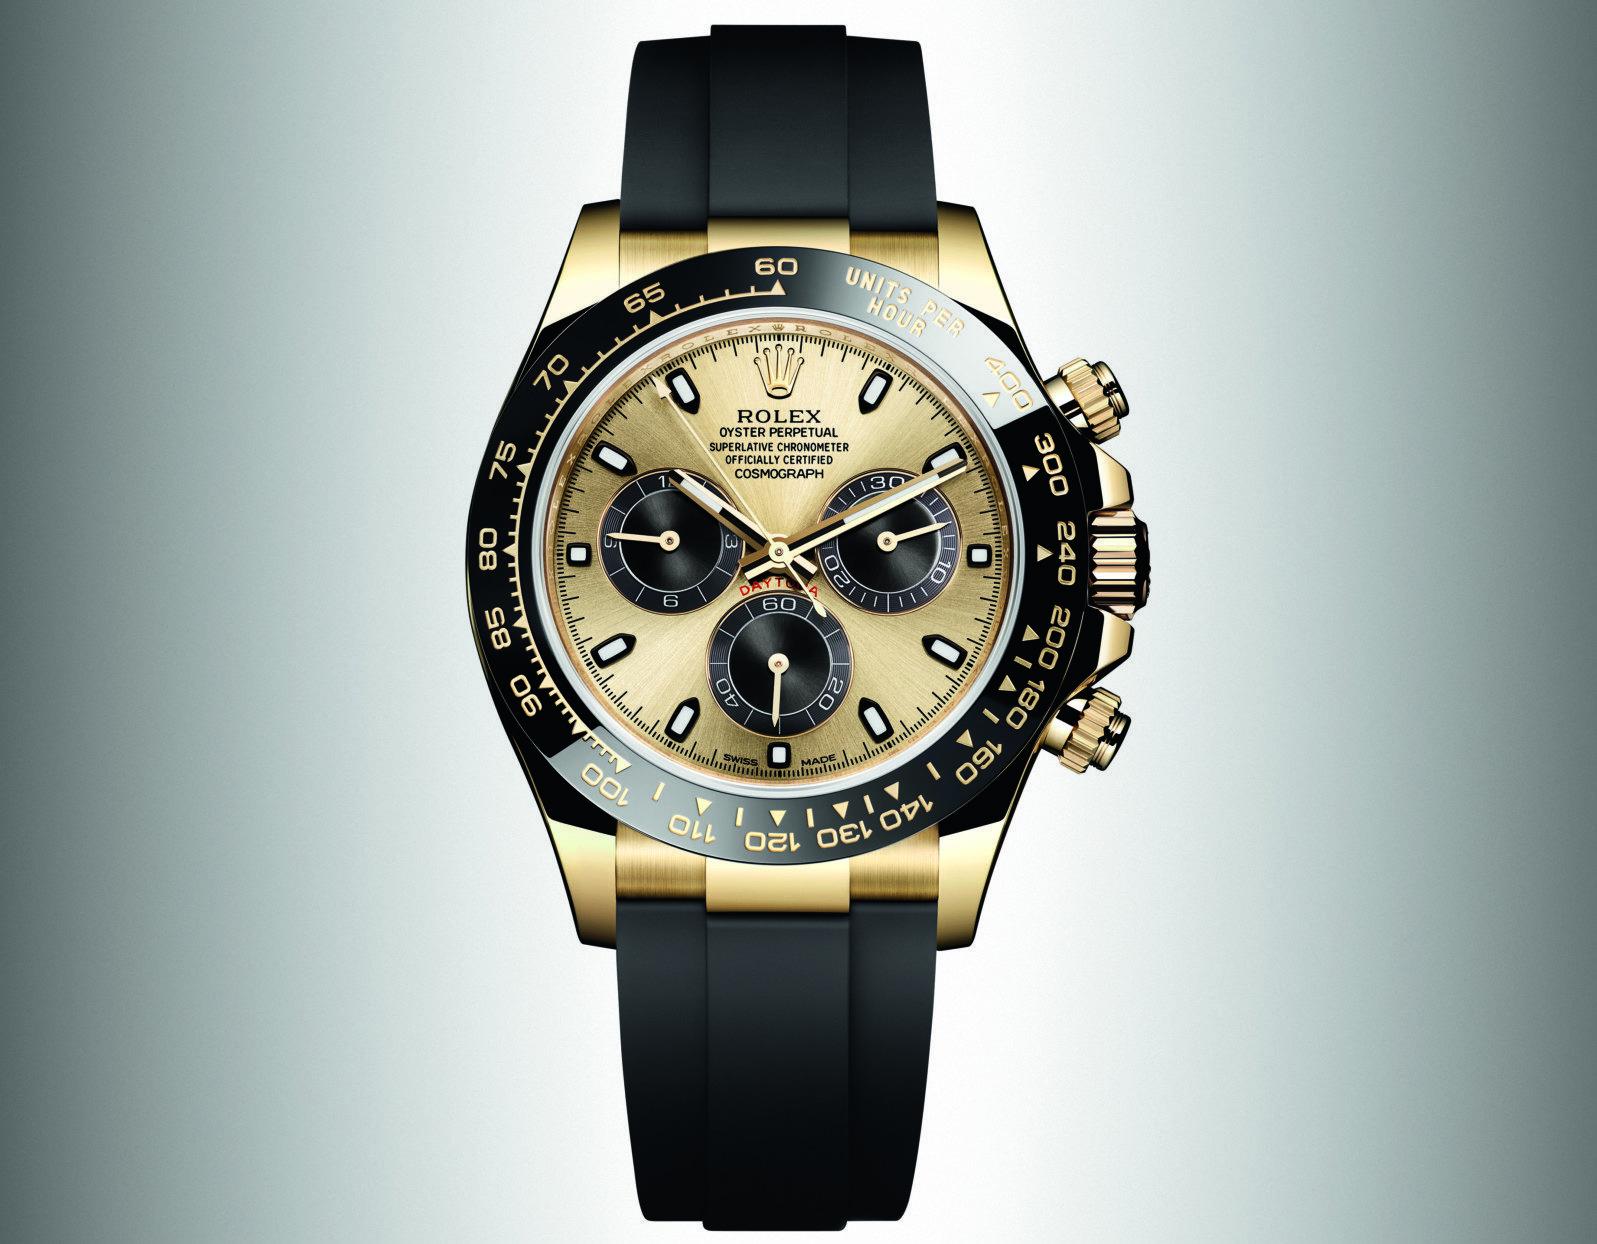 Rolex Watches | Buy Rolex Watches Online | Essential Watches